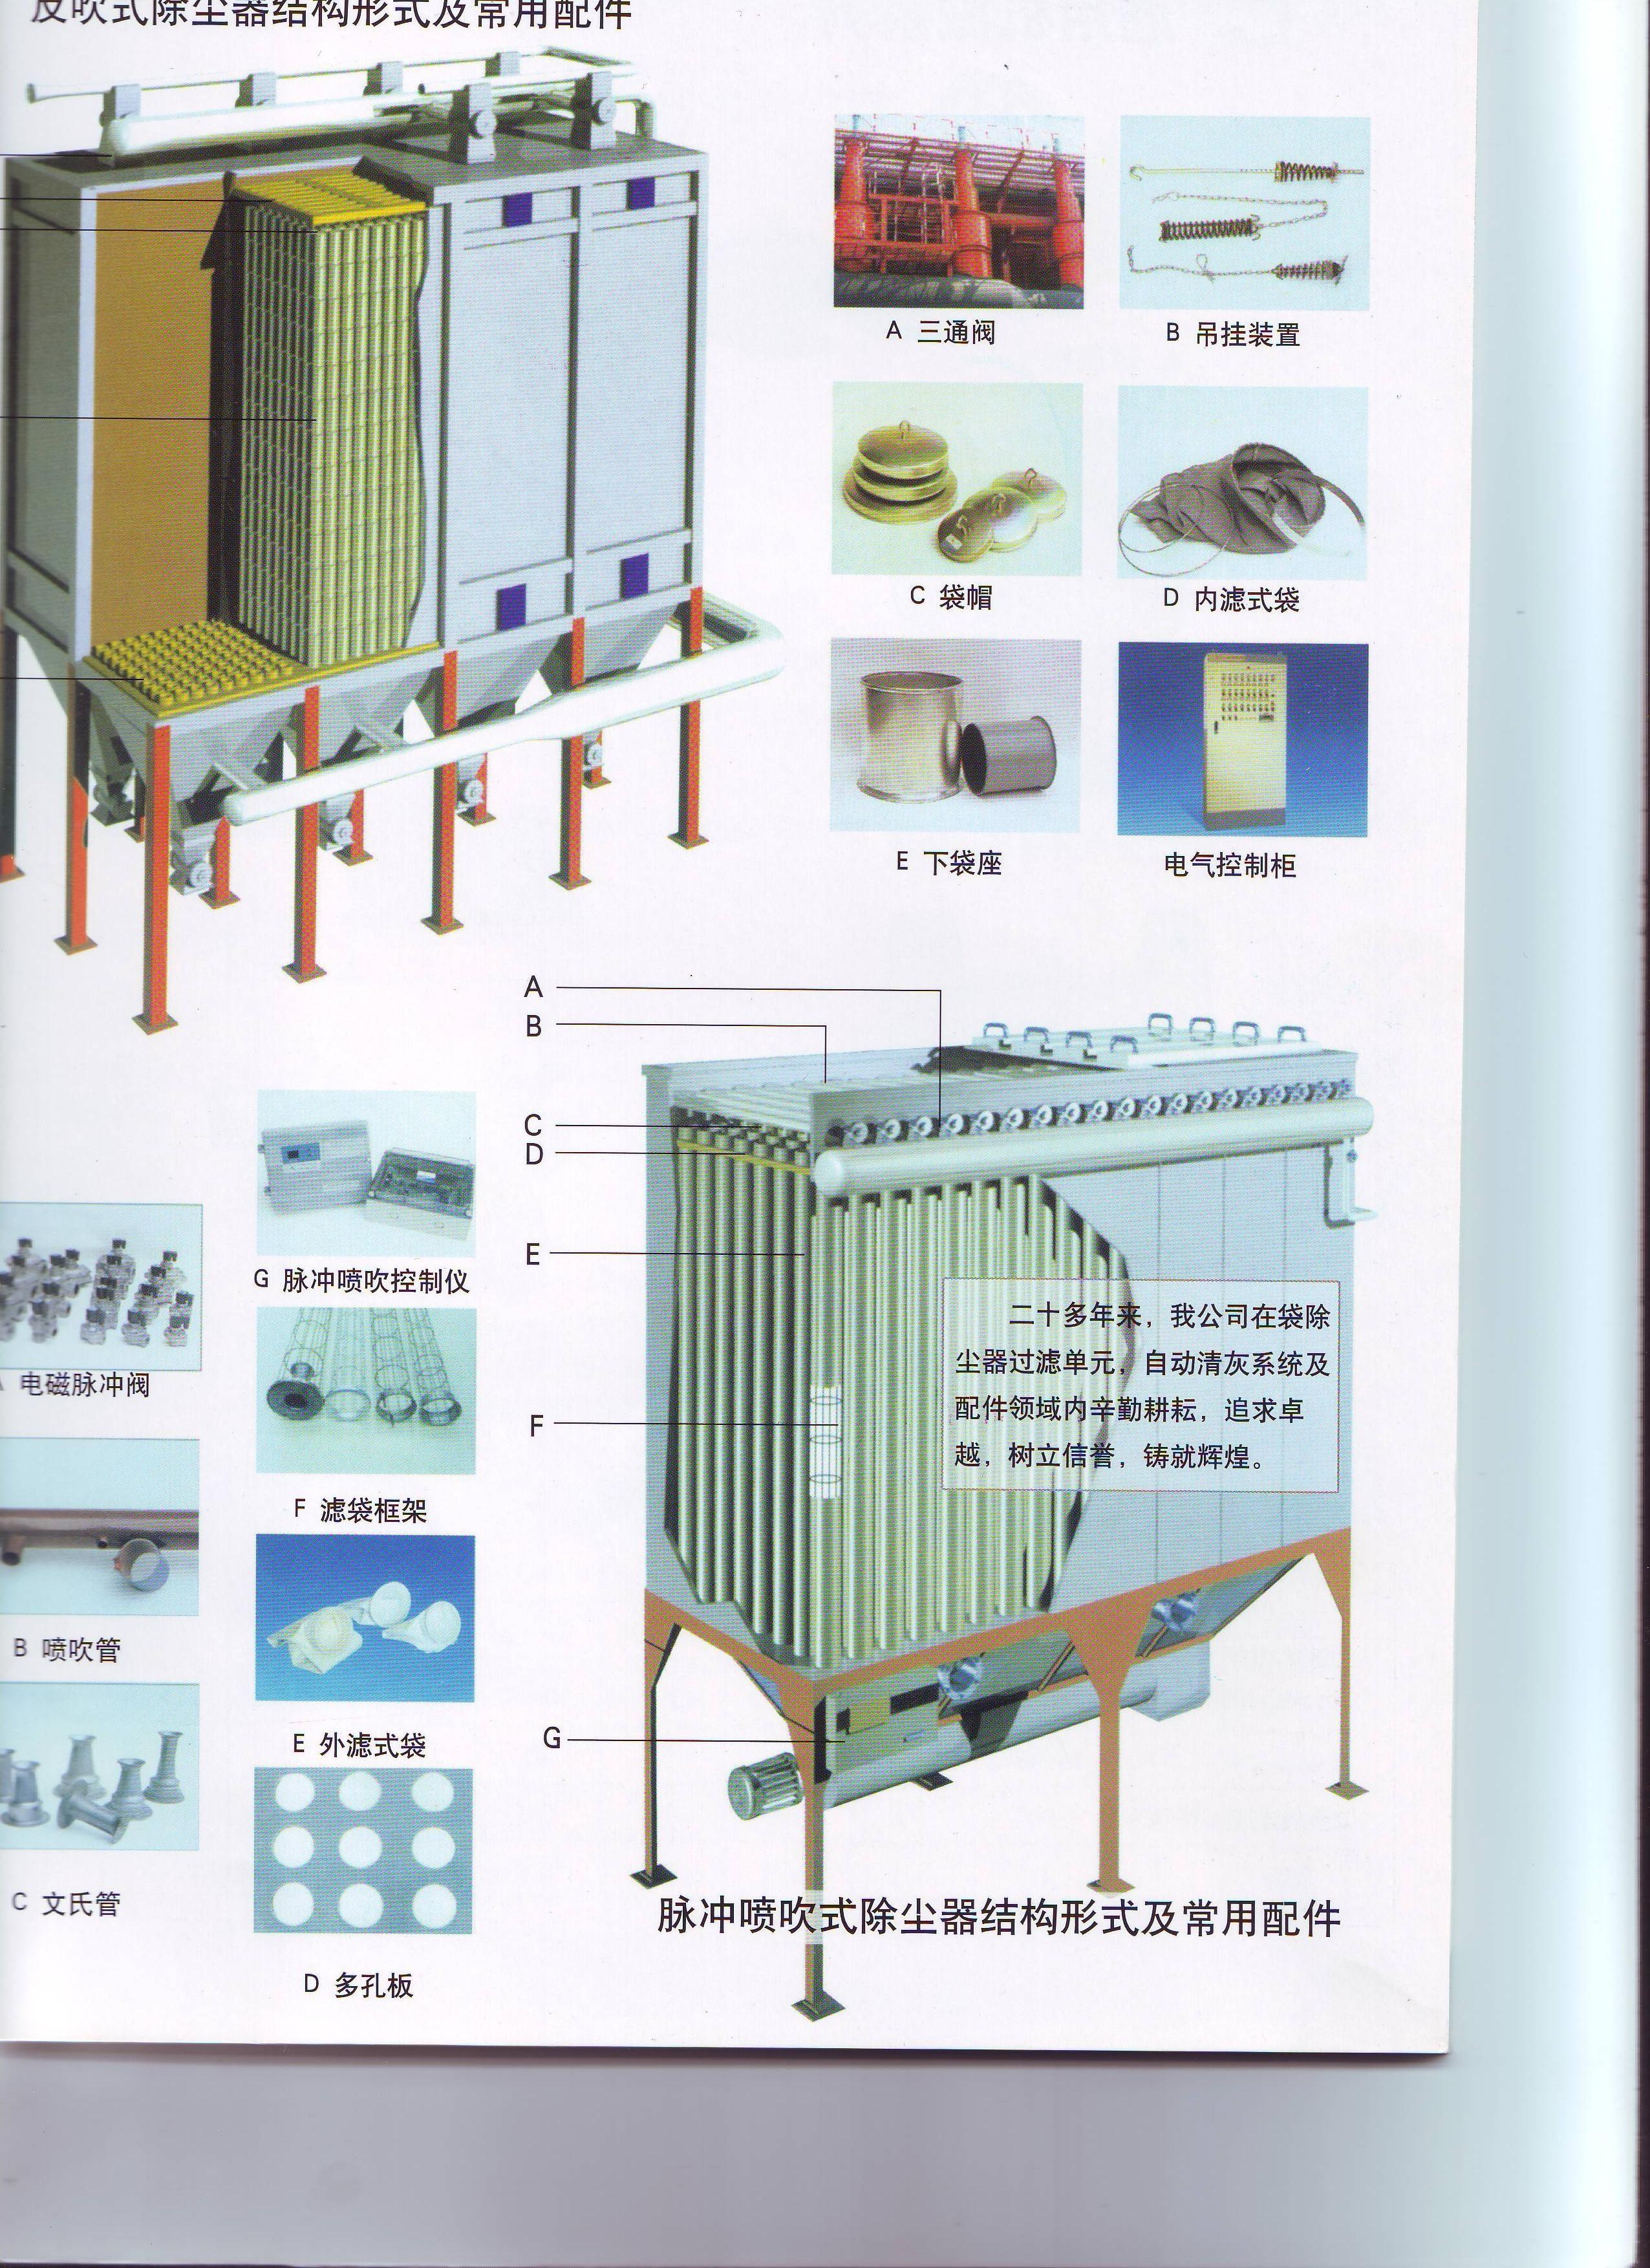 商易宝 产品列表 环境保护 空气净化 除尘设备 布袋除尘器  点击查看